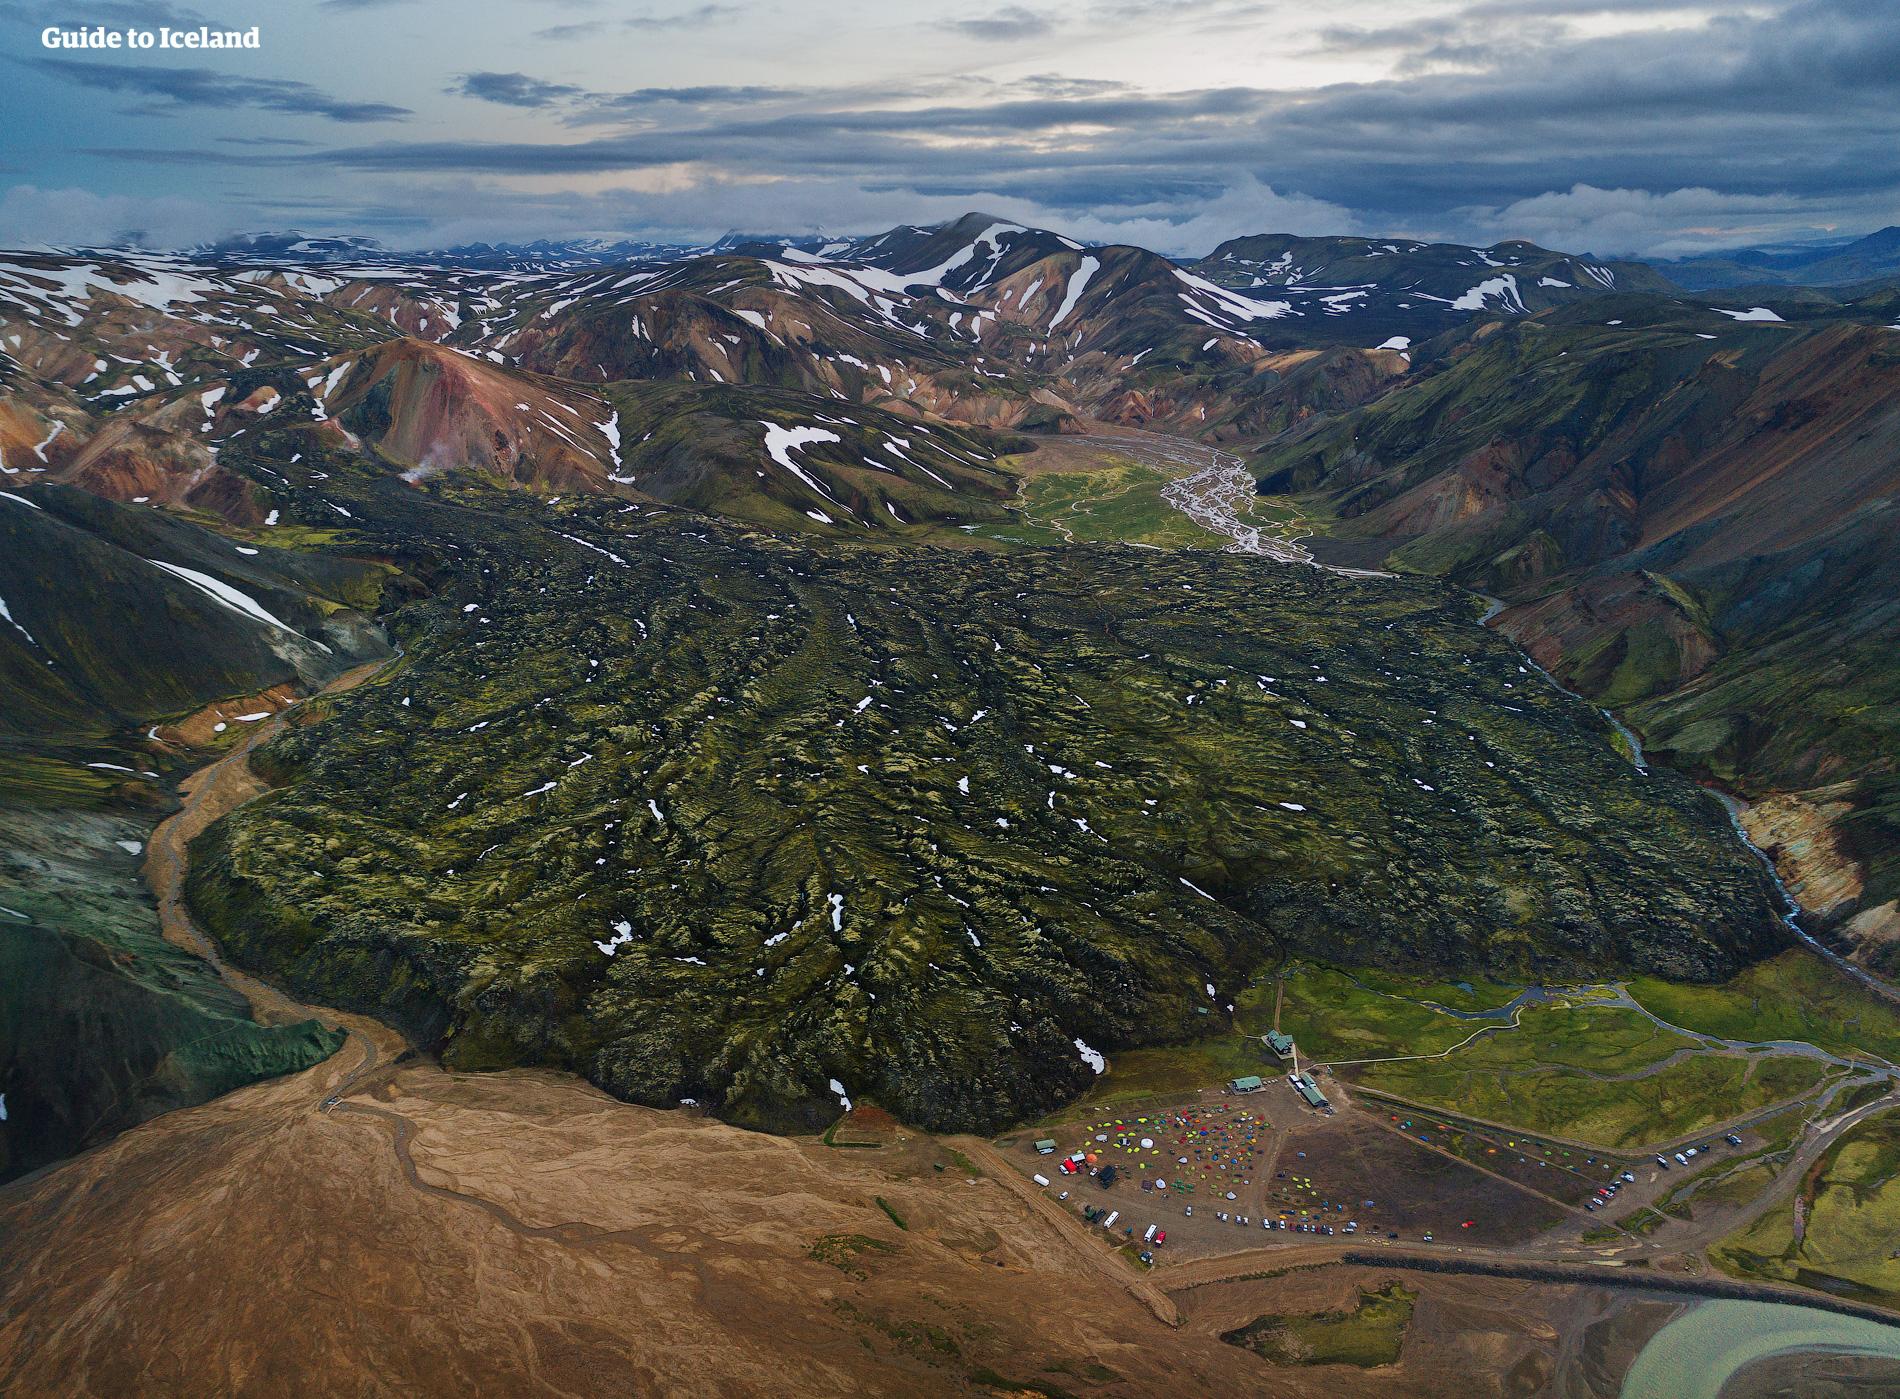 Las Tierras Altas centrales de Islandia sólo son accesibles durante los cálidos meses de verano.